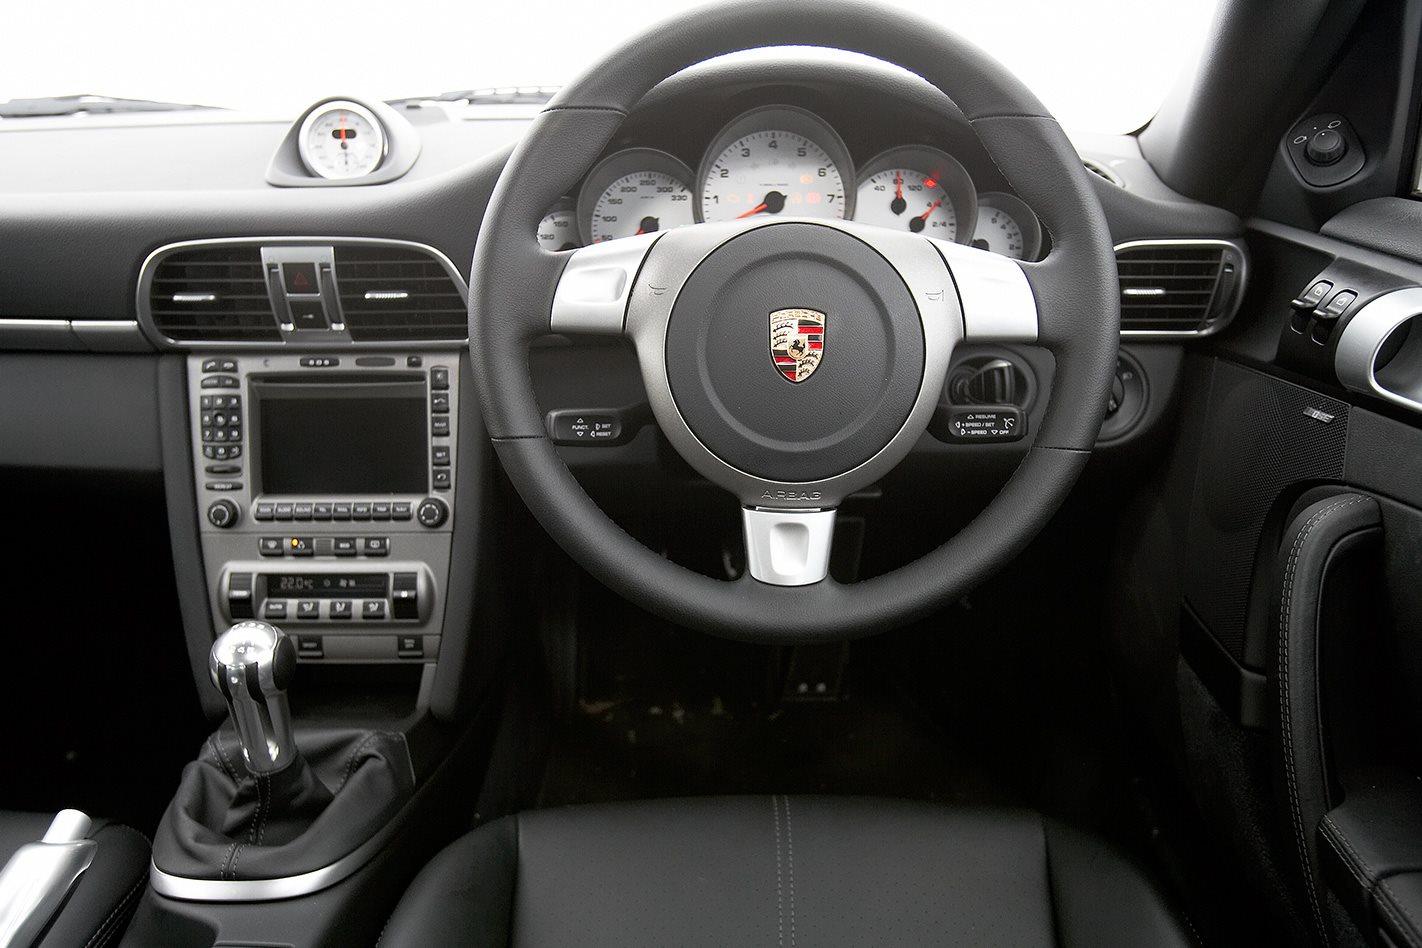 2008 Porsche 911 Carrera S steering wheel